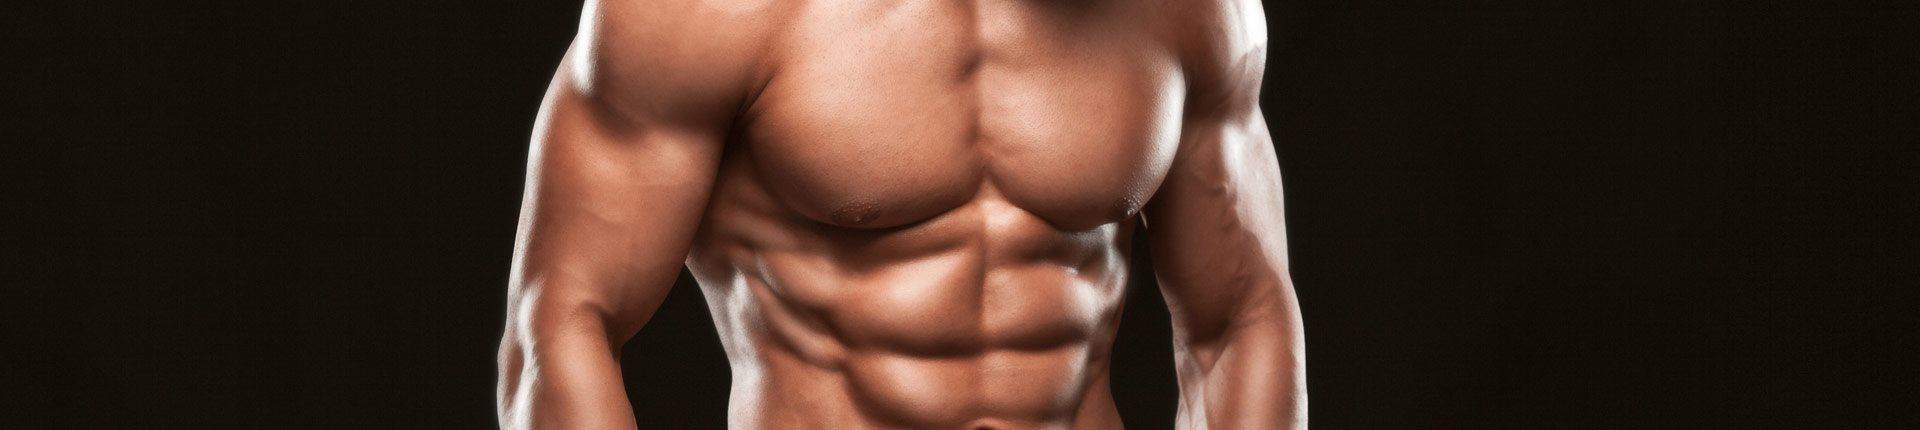 Czy jeśli zamienię węglowodany na tłuszcze, to schudnę?